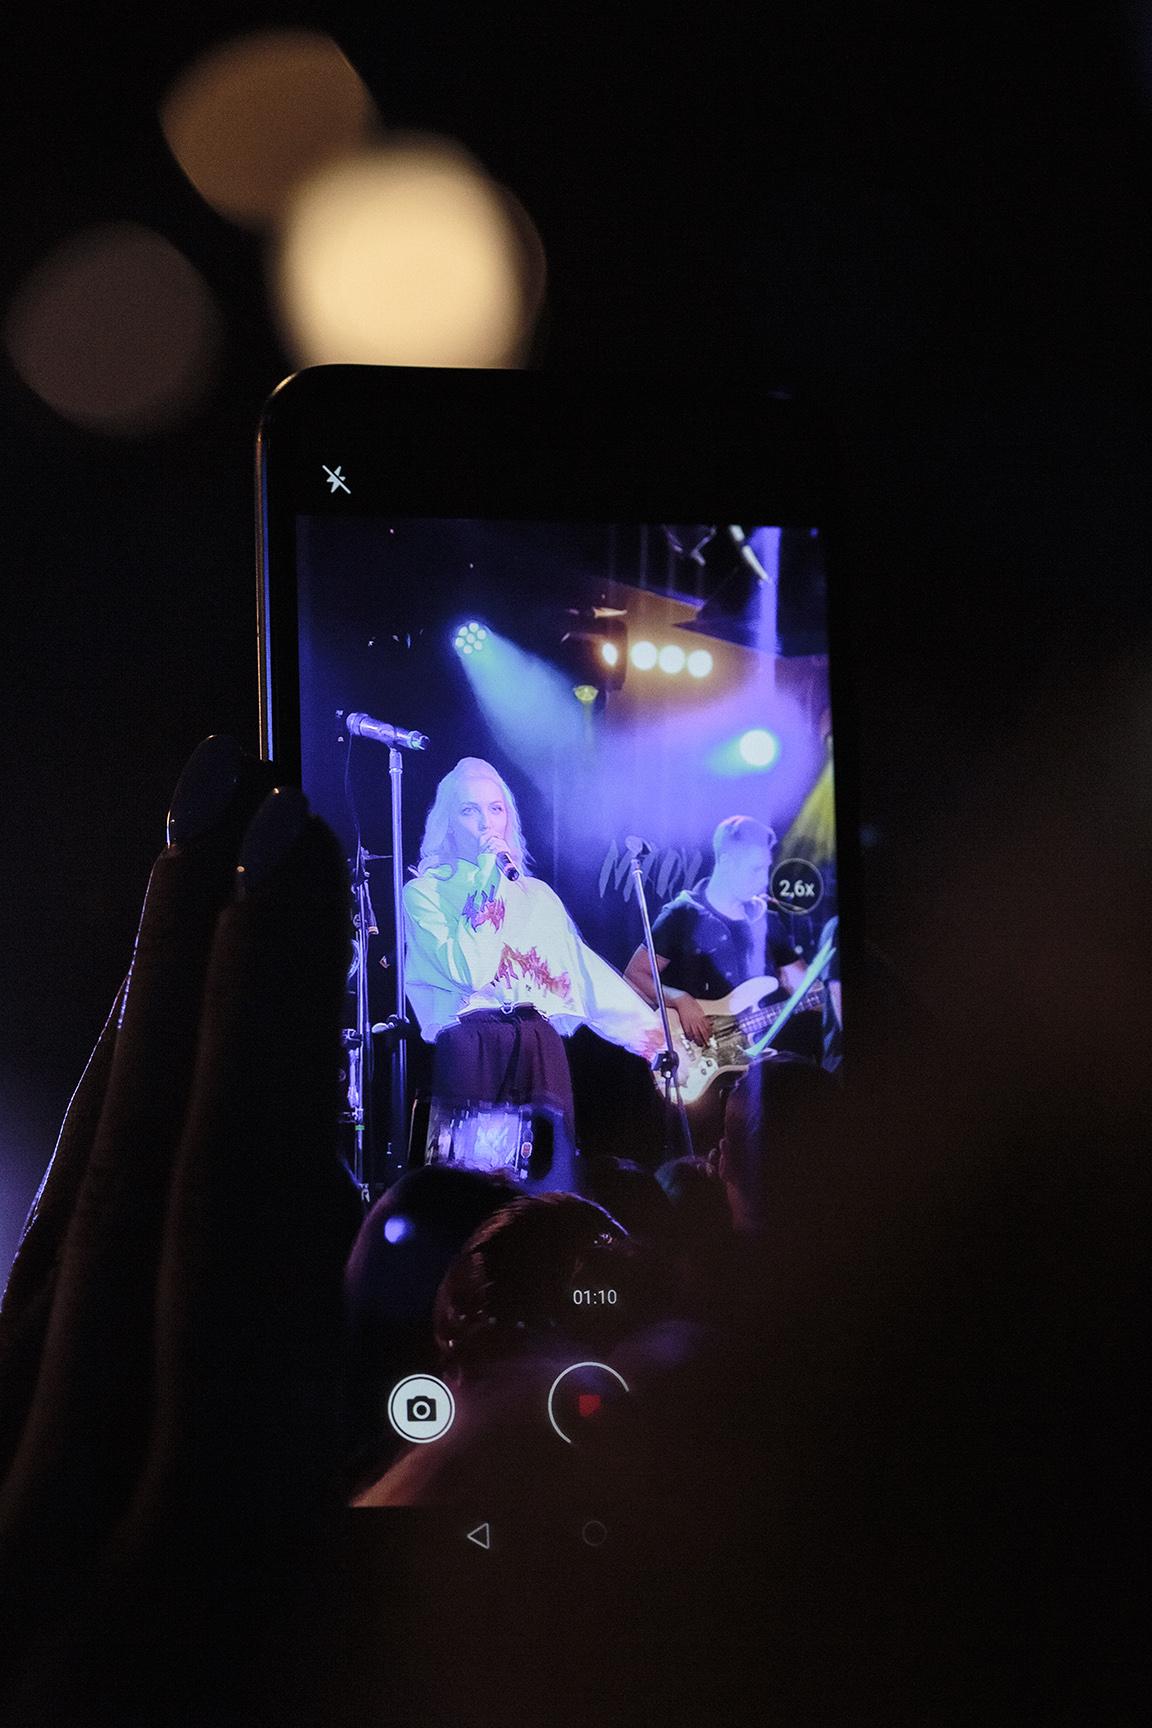 Фото Mary Gu, Первый сольный концерт в Москве